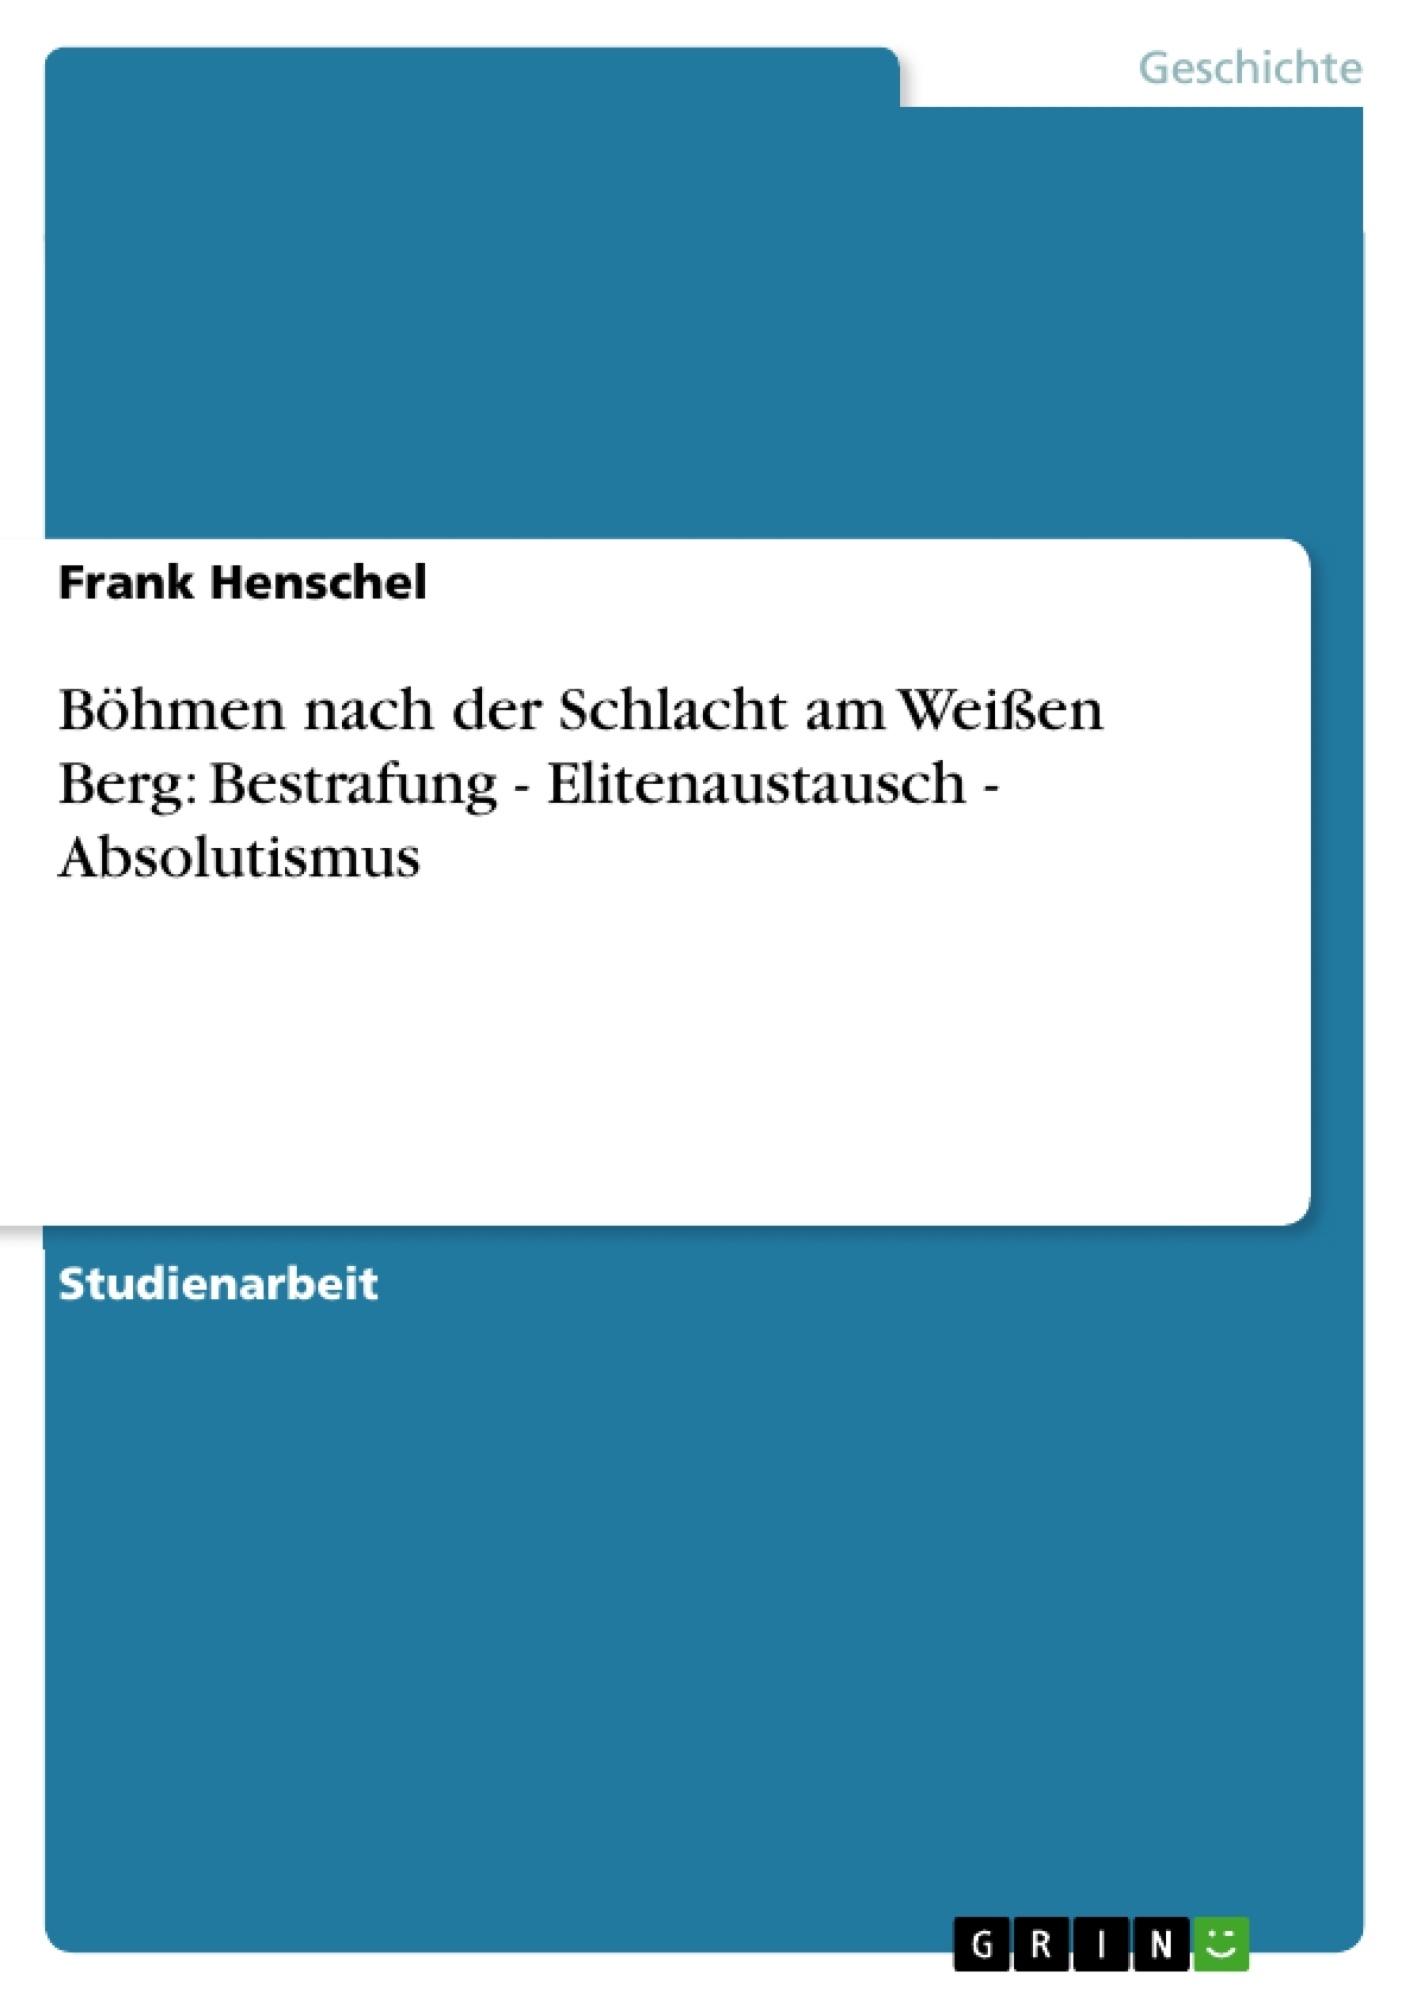 Titel: Böhmen nach der Schlacht am Weißen Berg: Bestrafung - Elitenaustausch - Absolutismus